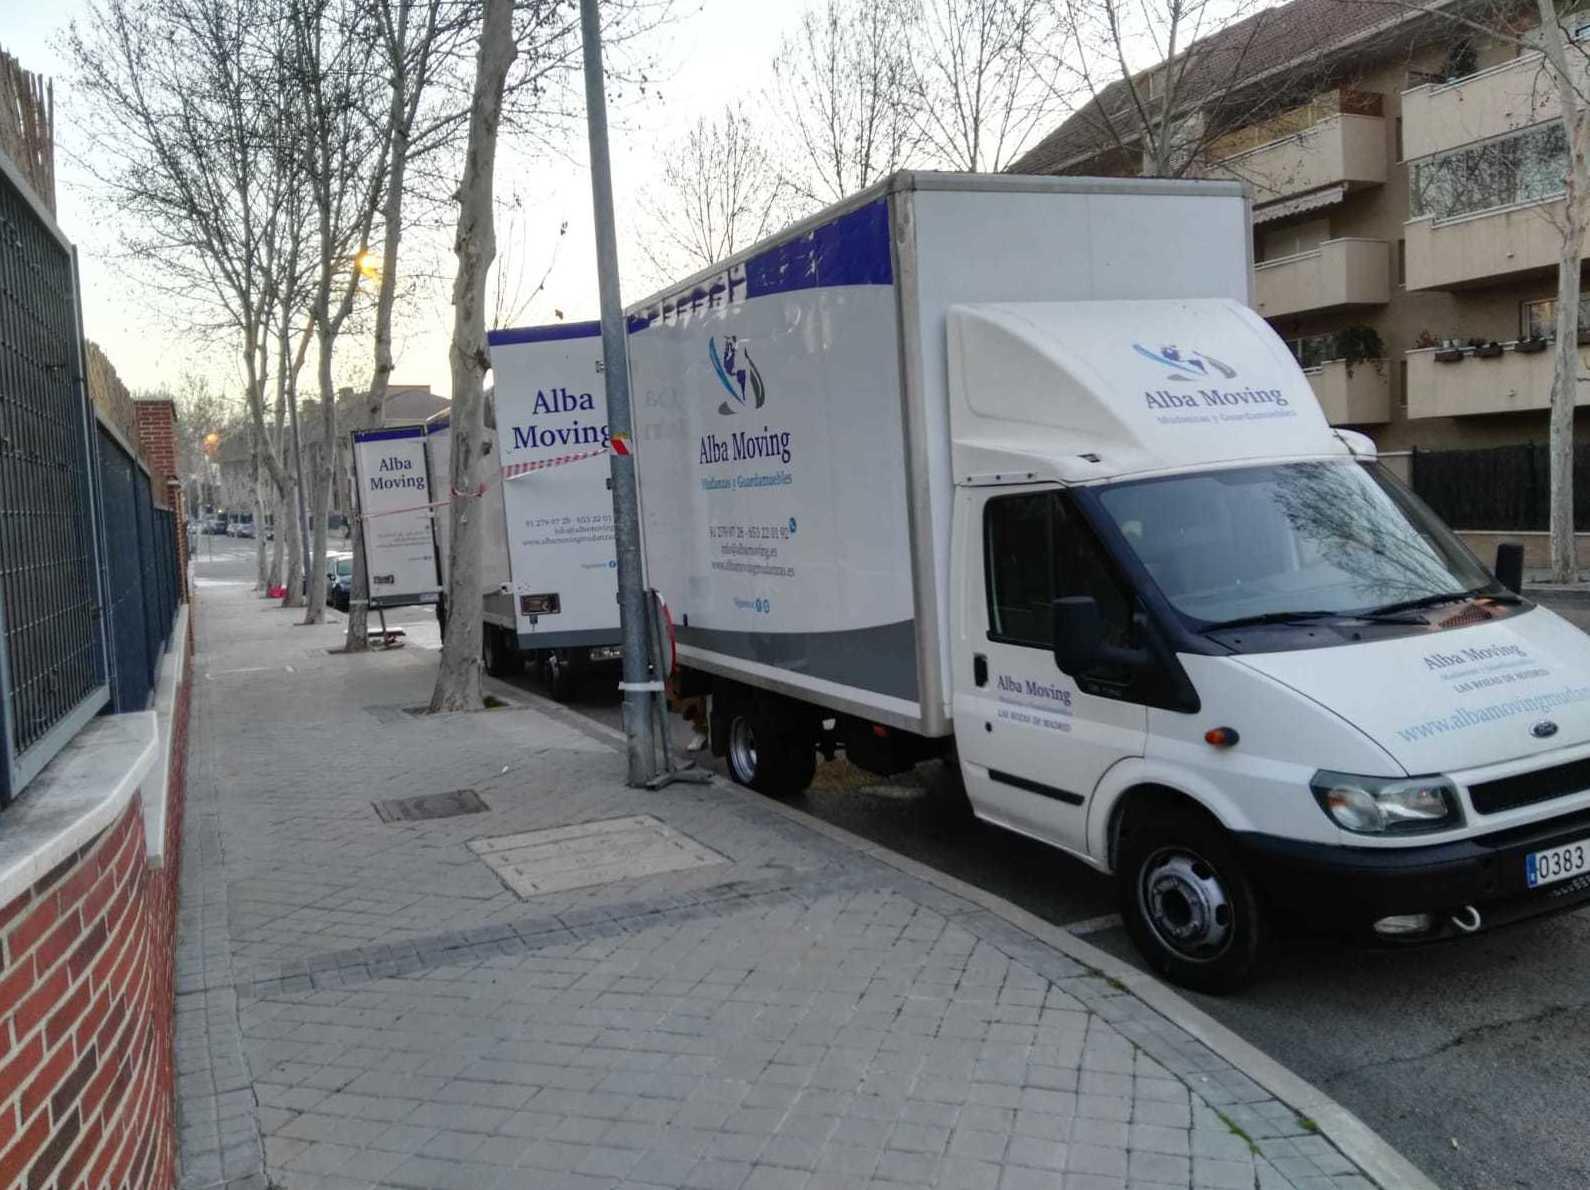 Foto 4 de Mudanzas y guardamuebles en  | Alba Moving Mudanzas y Guardamuebles